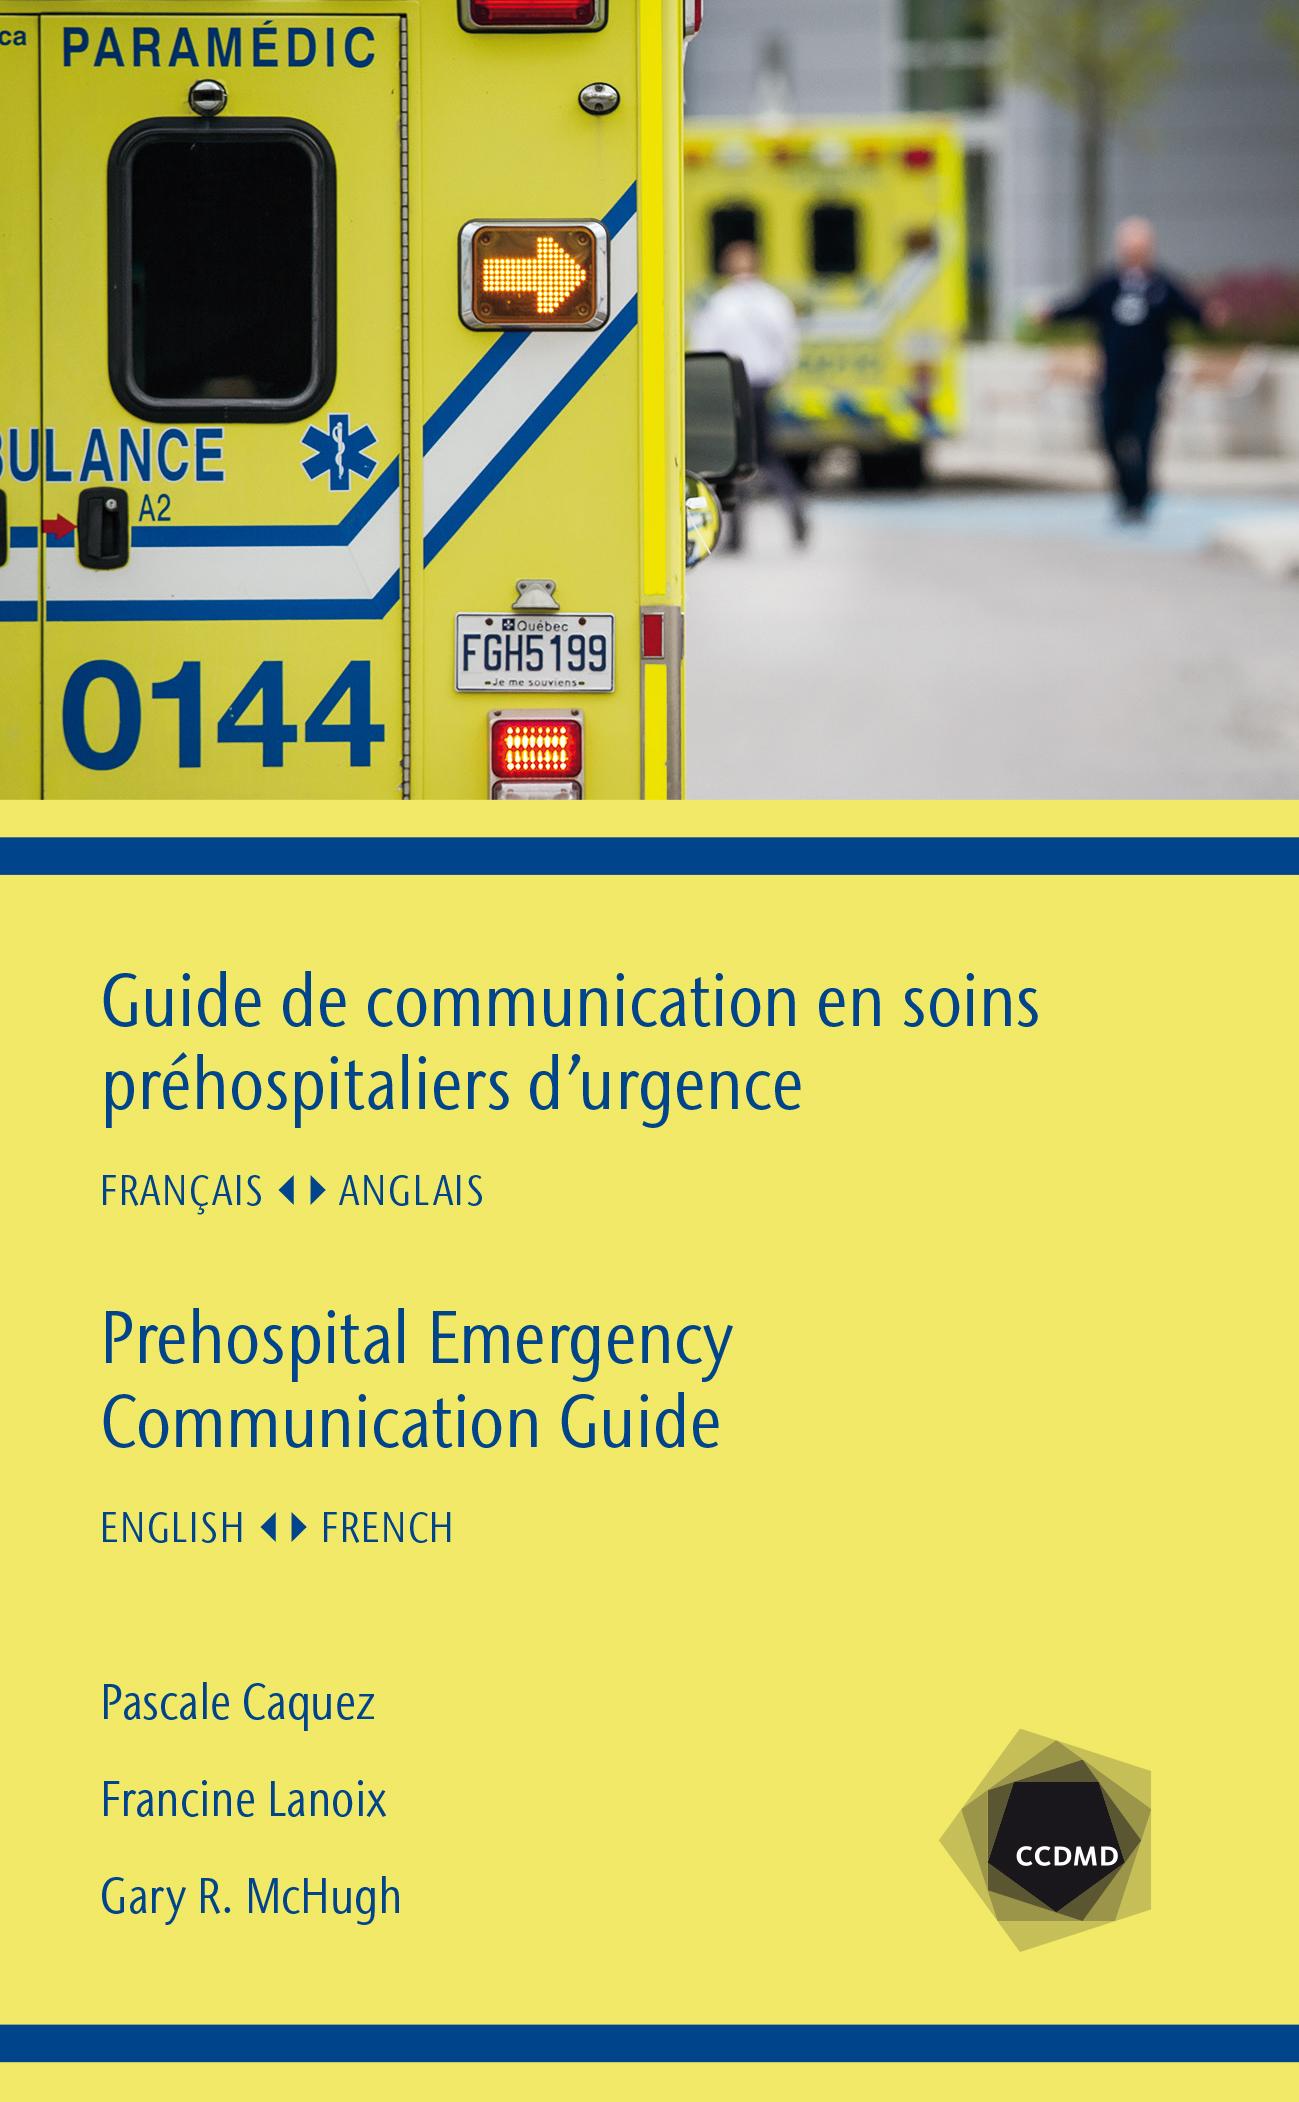 Guide de communication en soins préhospitaliers d'urgence